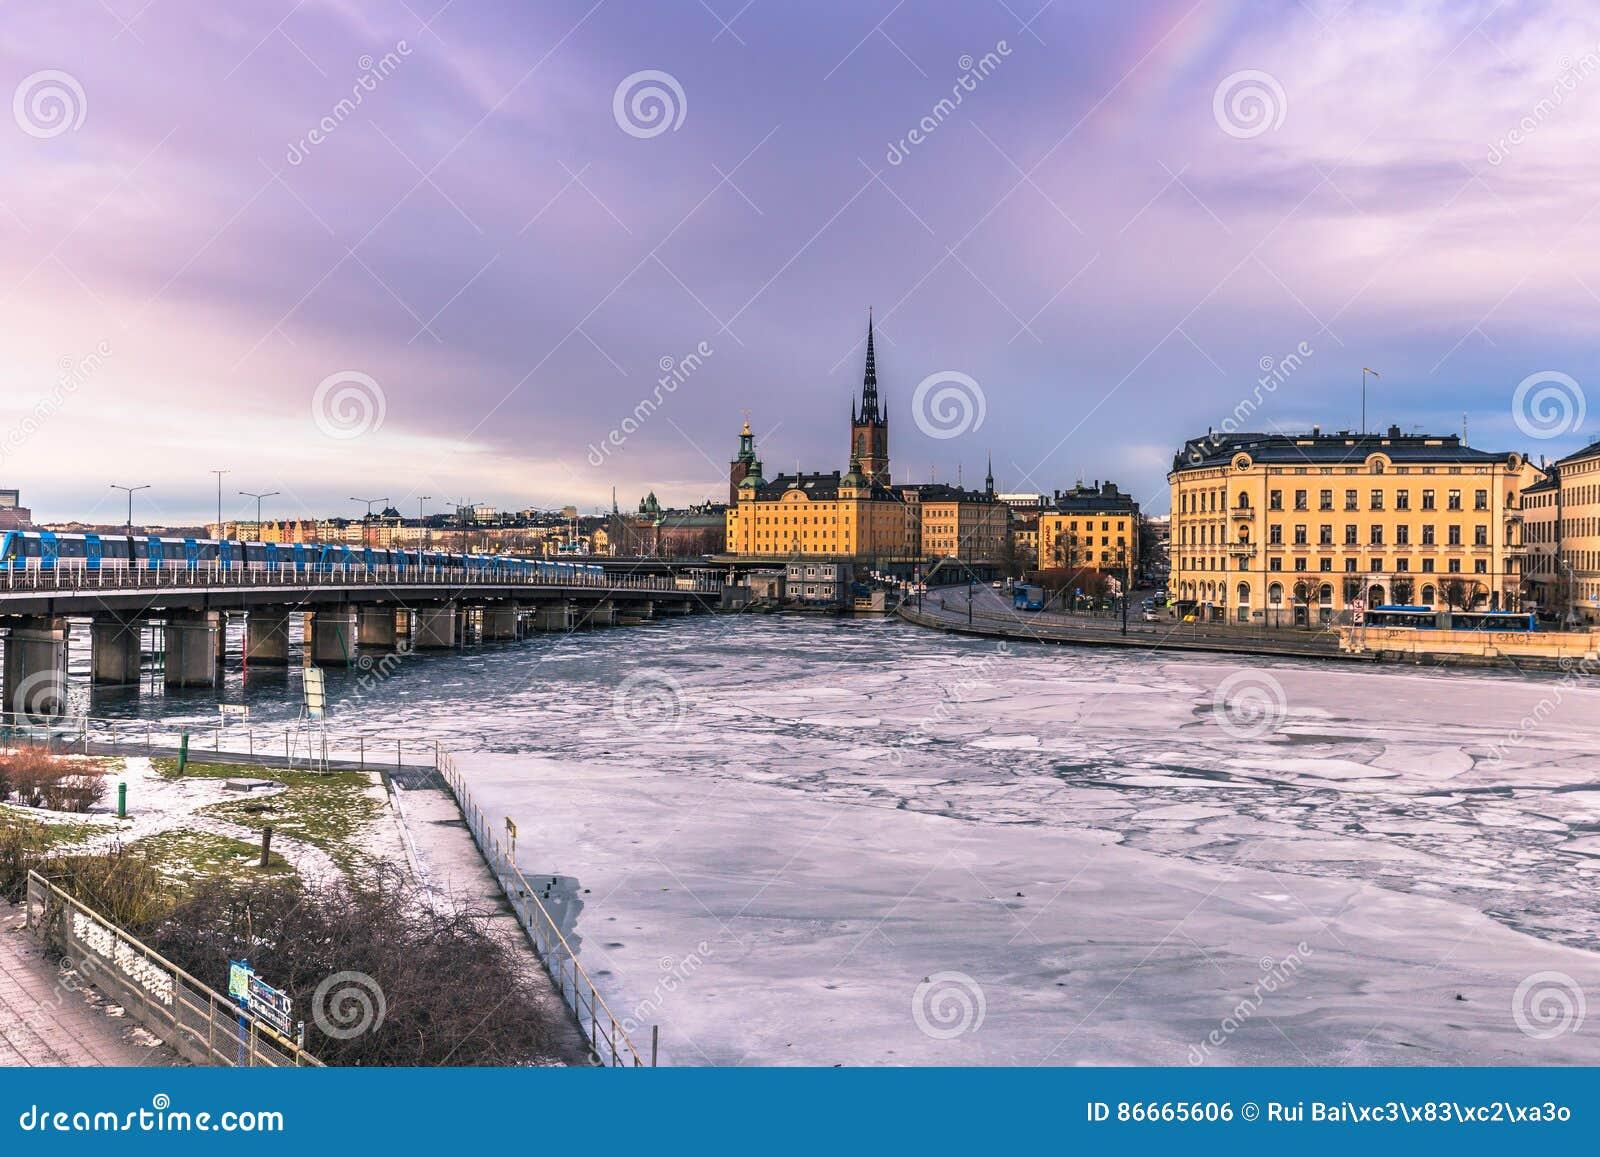 21 de enero de 2017: Panorama de la ciudad vieja de Estocolmo, Suecia